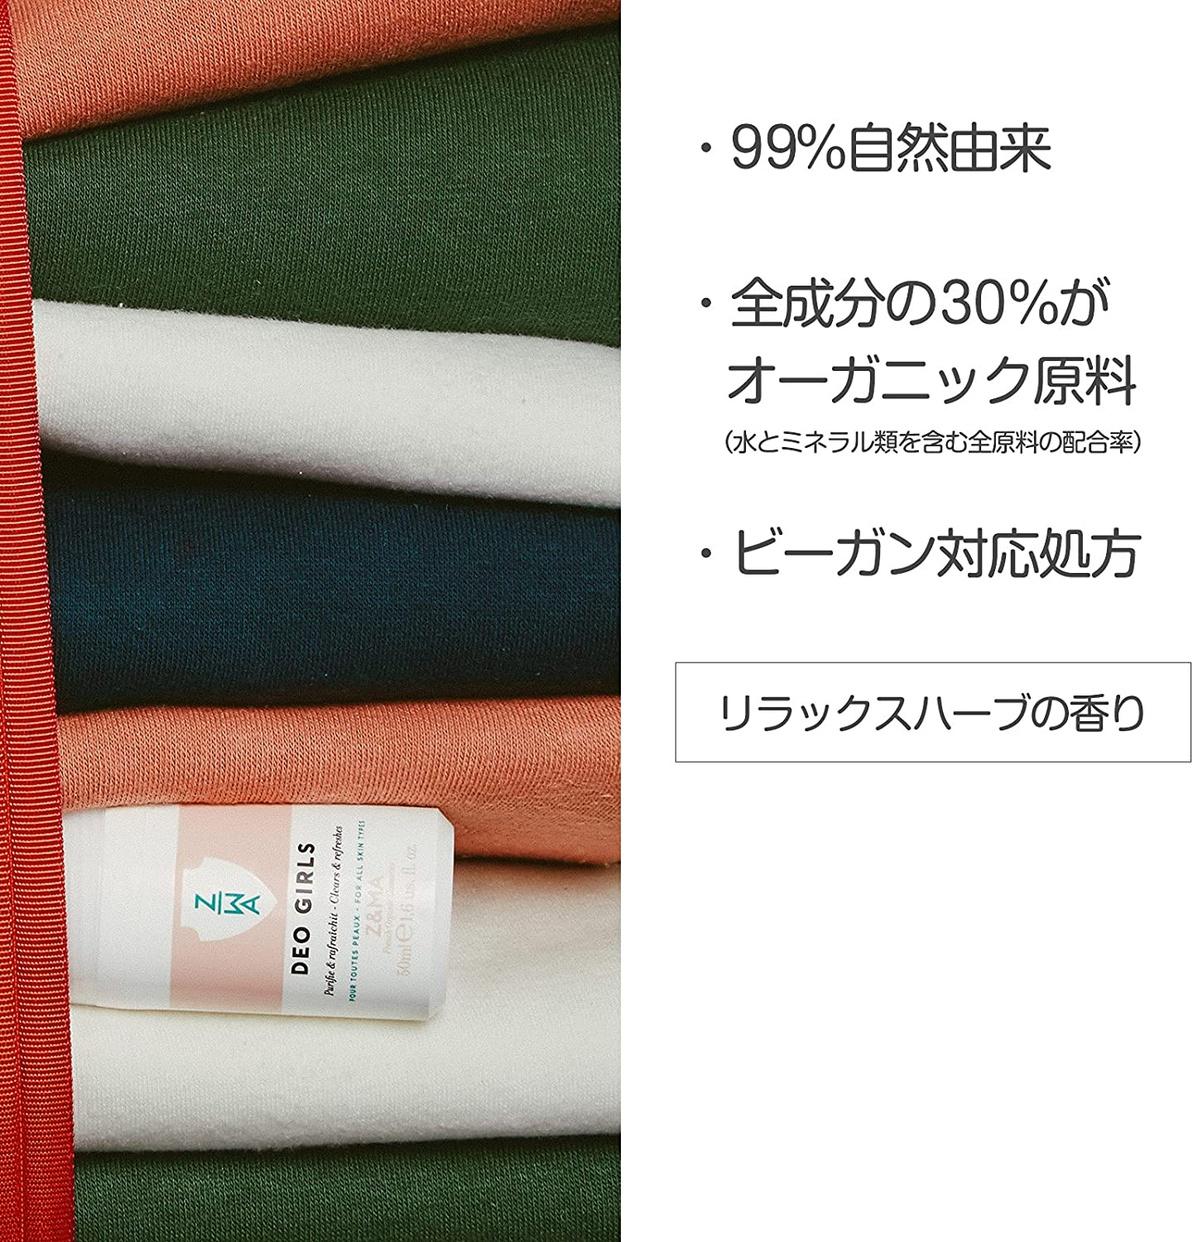 Z&MA(ゼットエマ) リフレッシュロールオン デオガールズの商品画像5